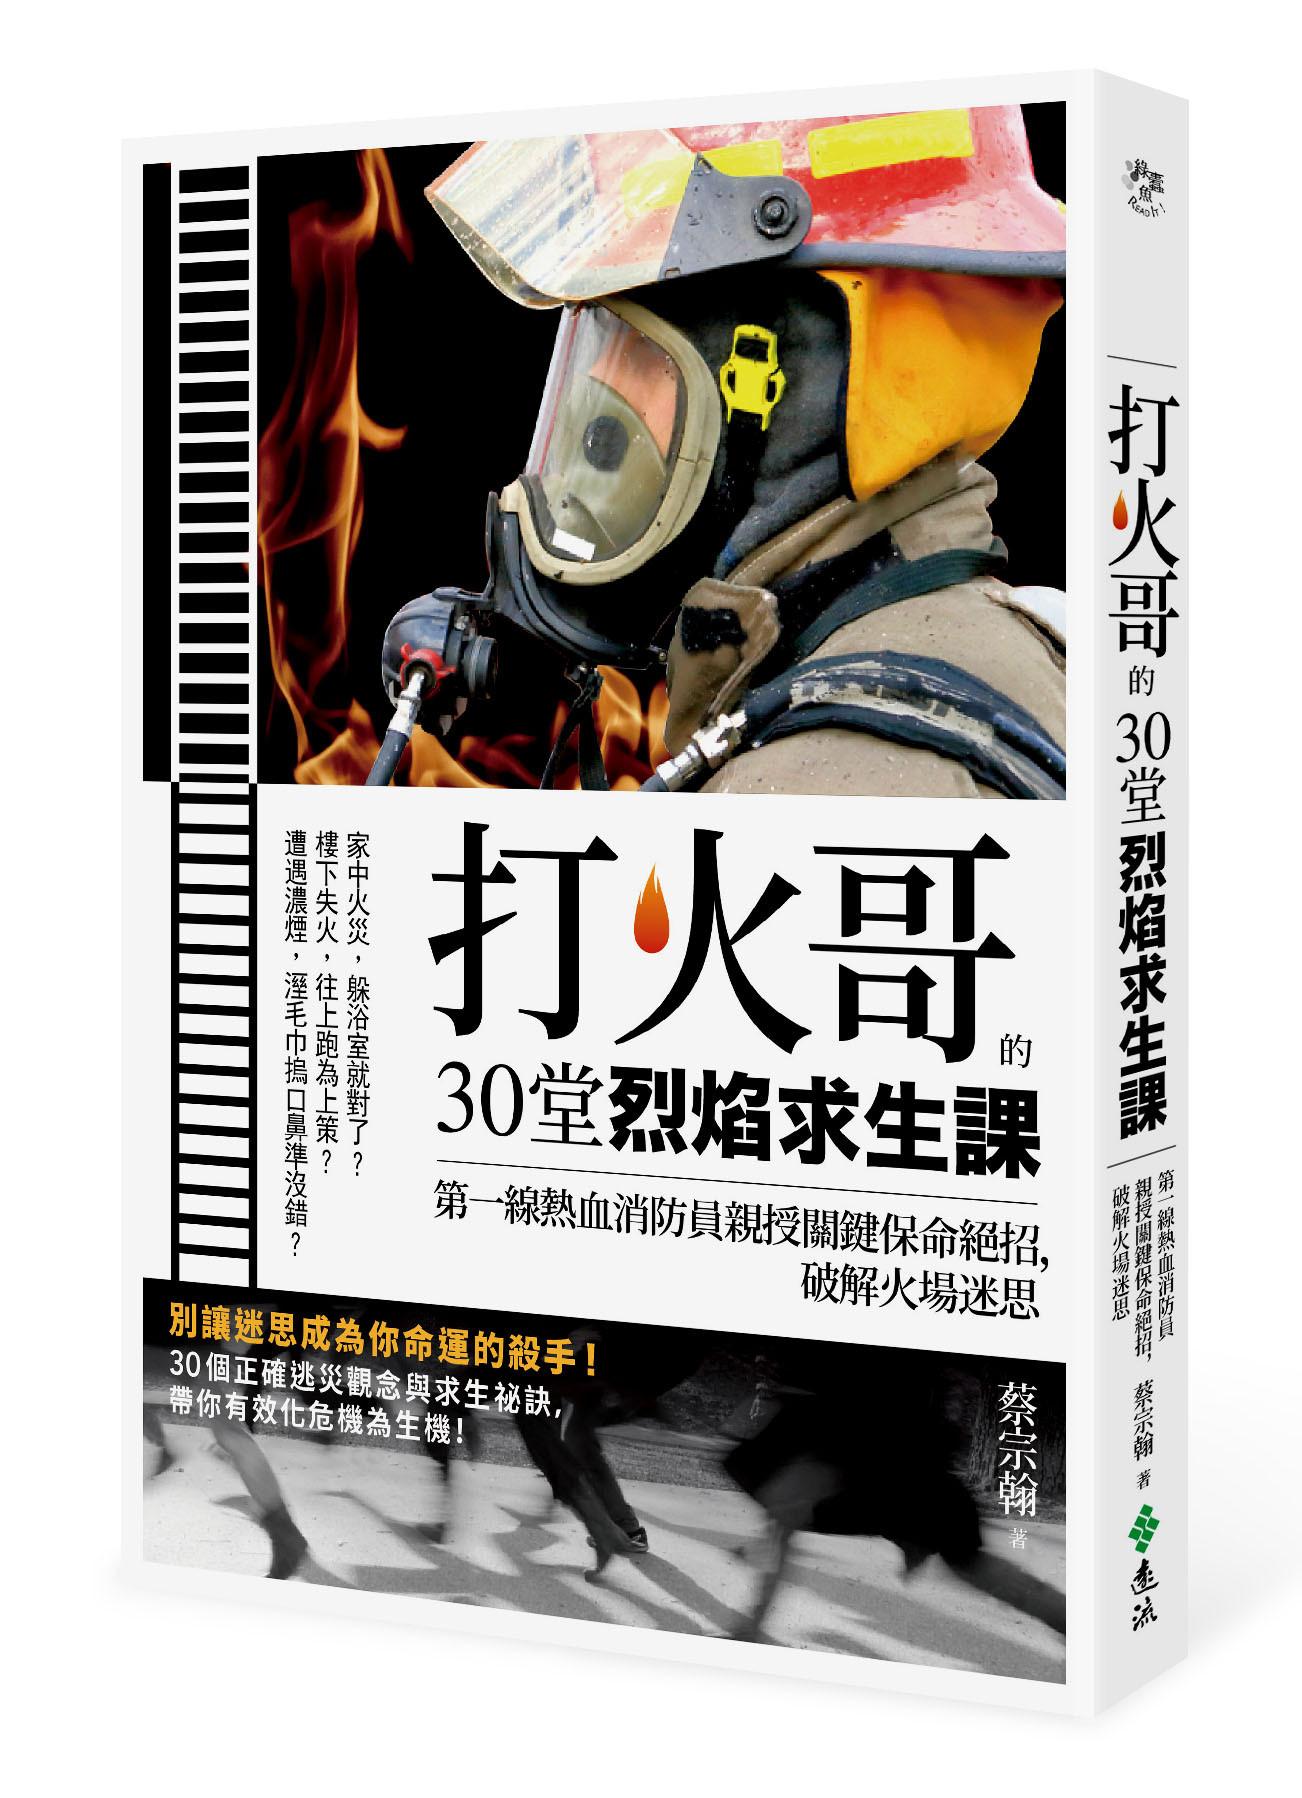 ▲▼書籍《打火哥的30堂烈焰求生課》。(圖/遠流提供,請勿隨意翻拍,以免侵權。)